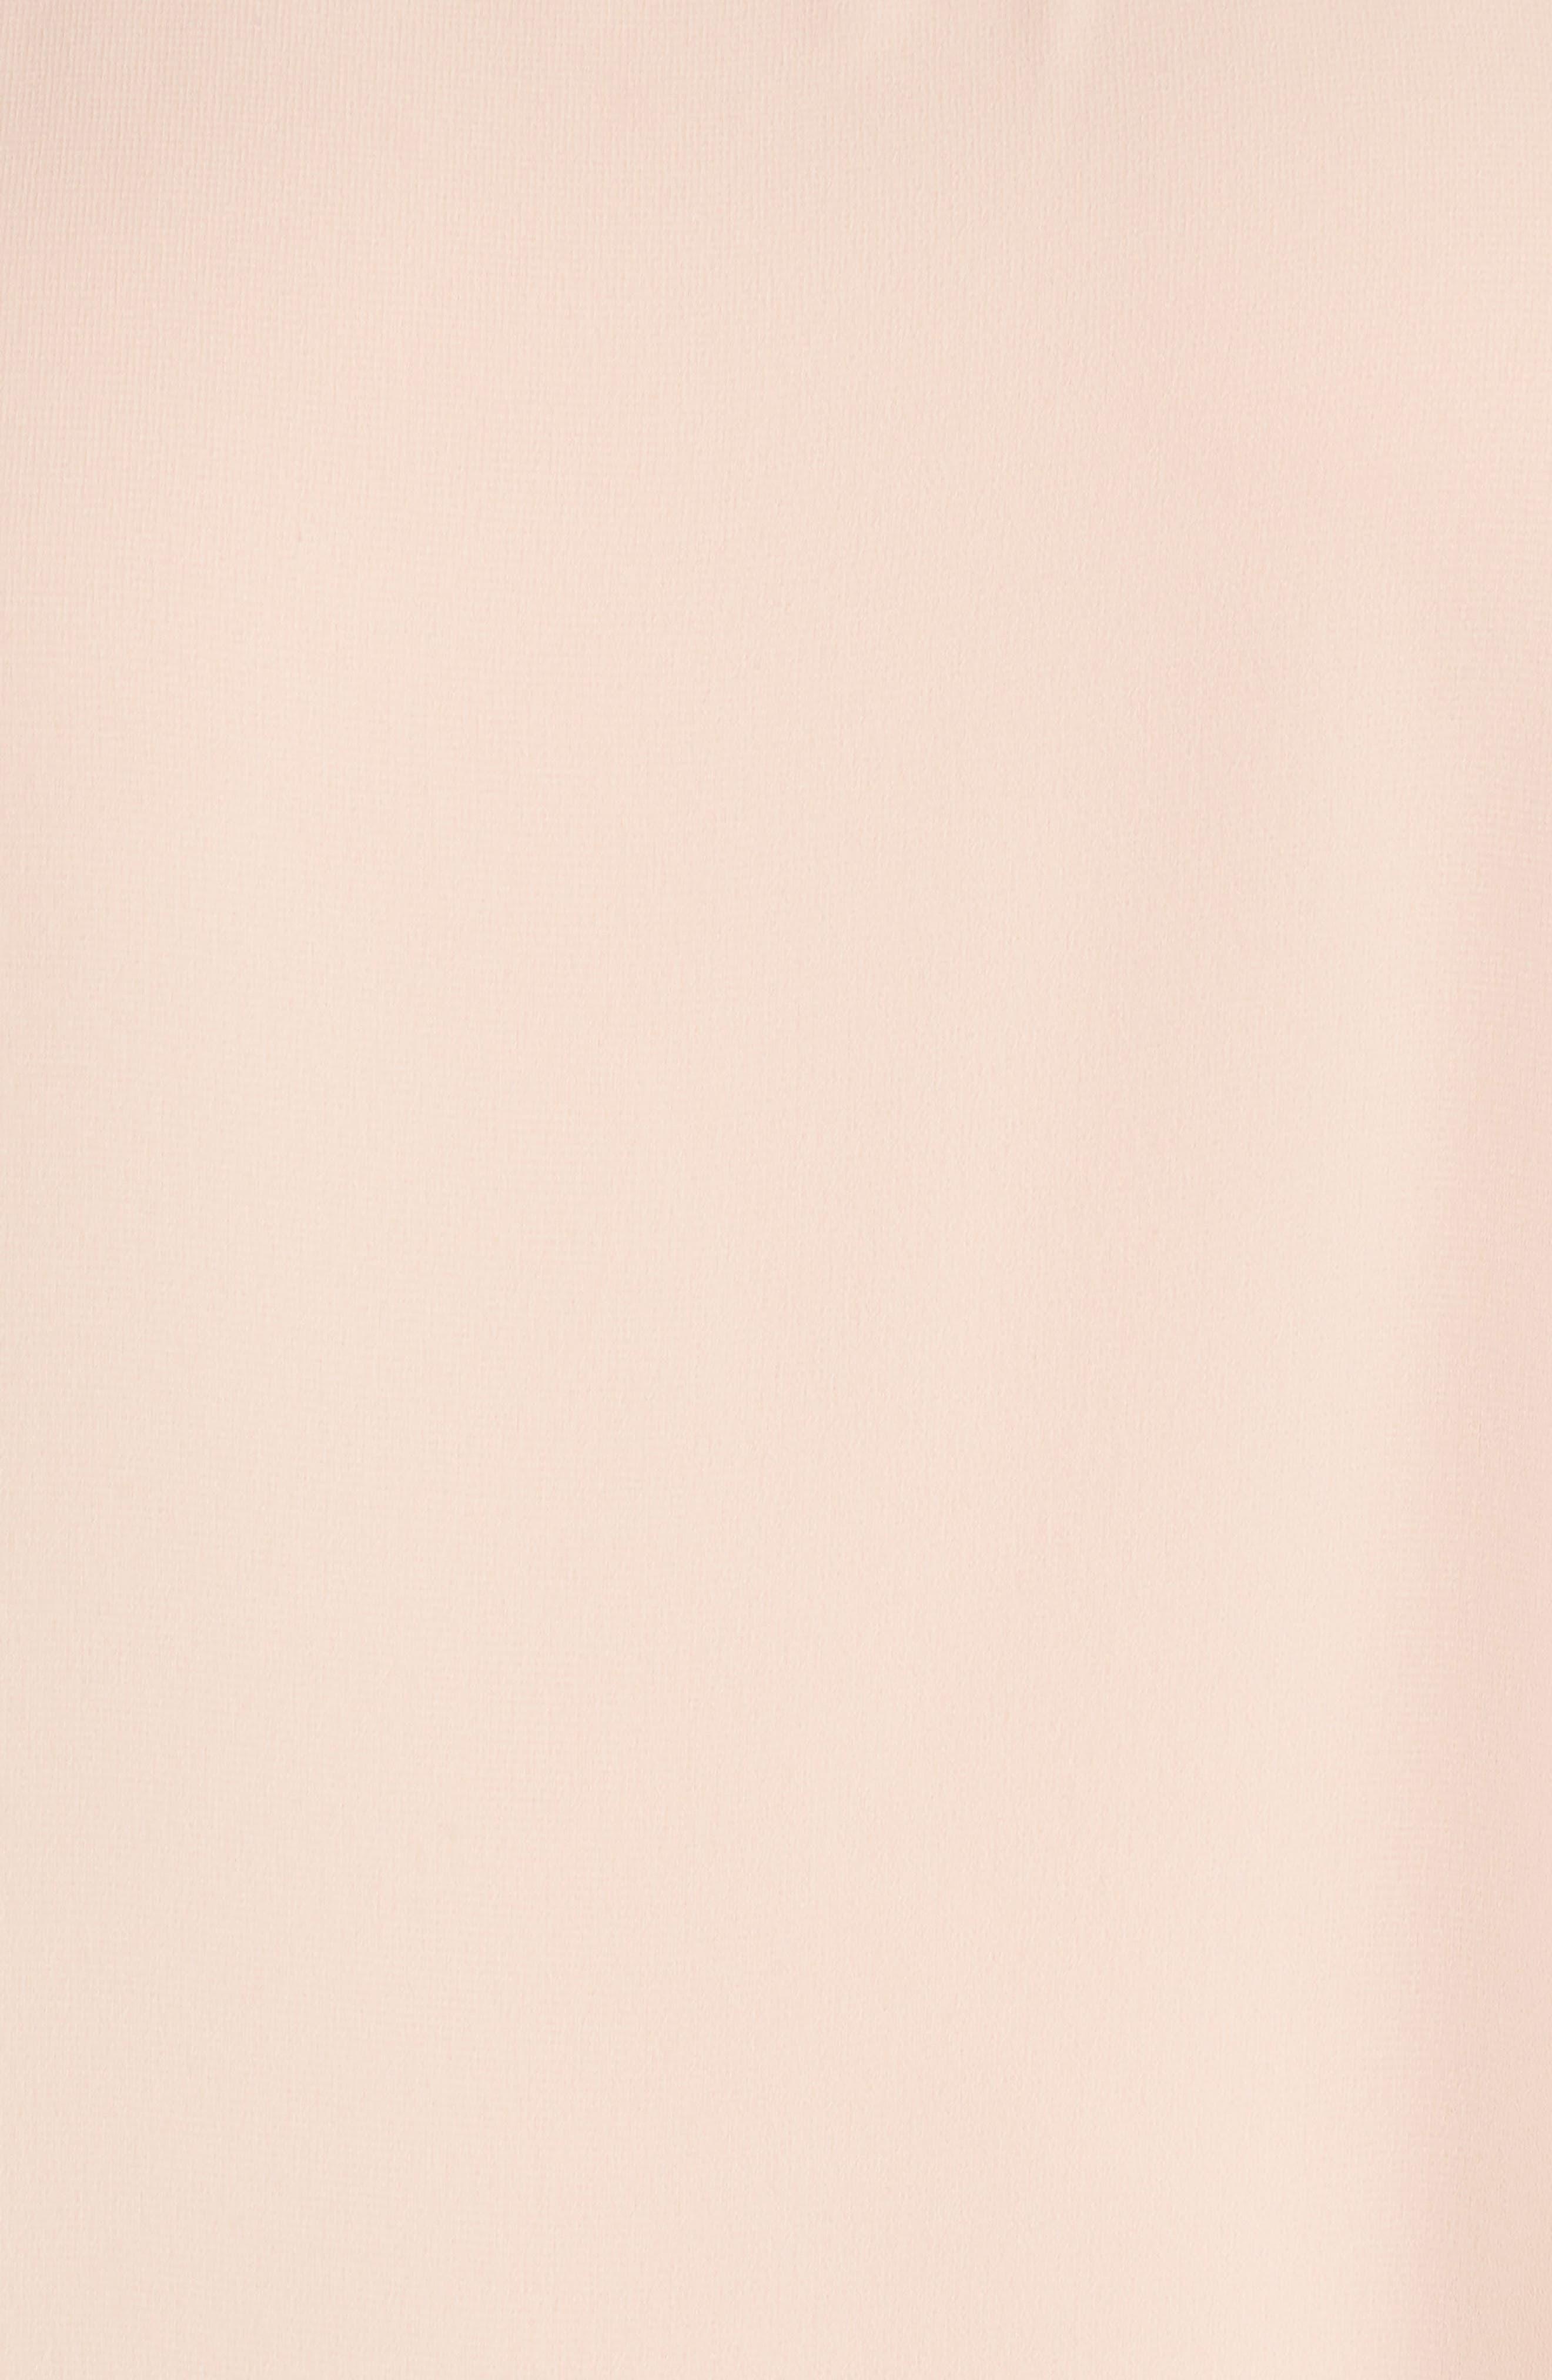 Embellished Neck Cold Shoulder Overlay Chiffon Shift Dress,                             Alternate thumbnail 5, color,                             Blush